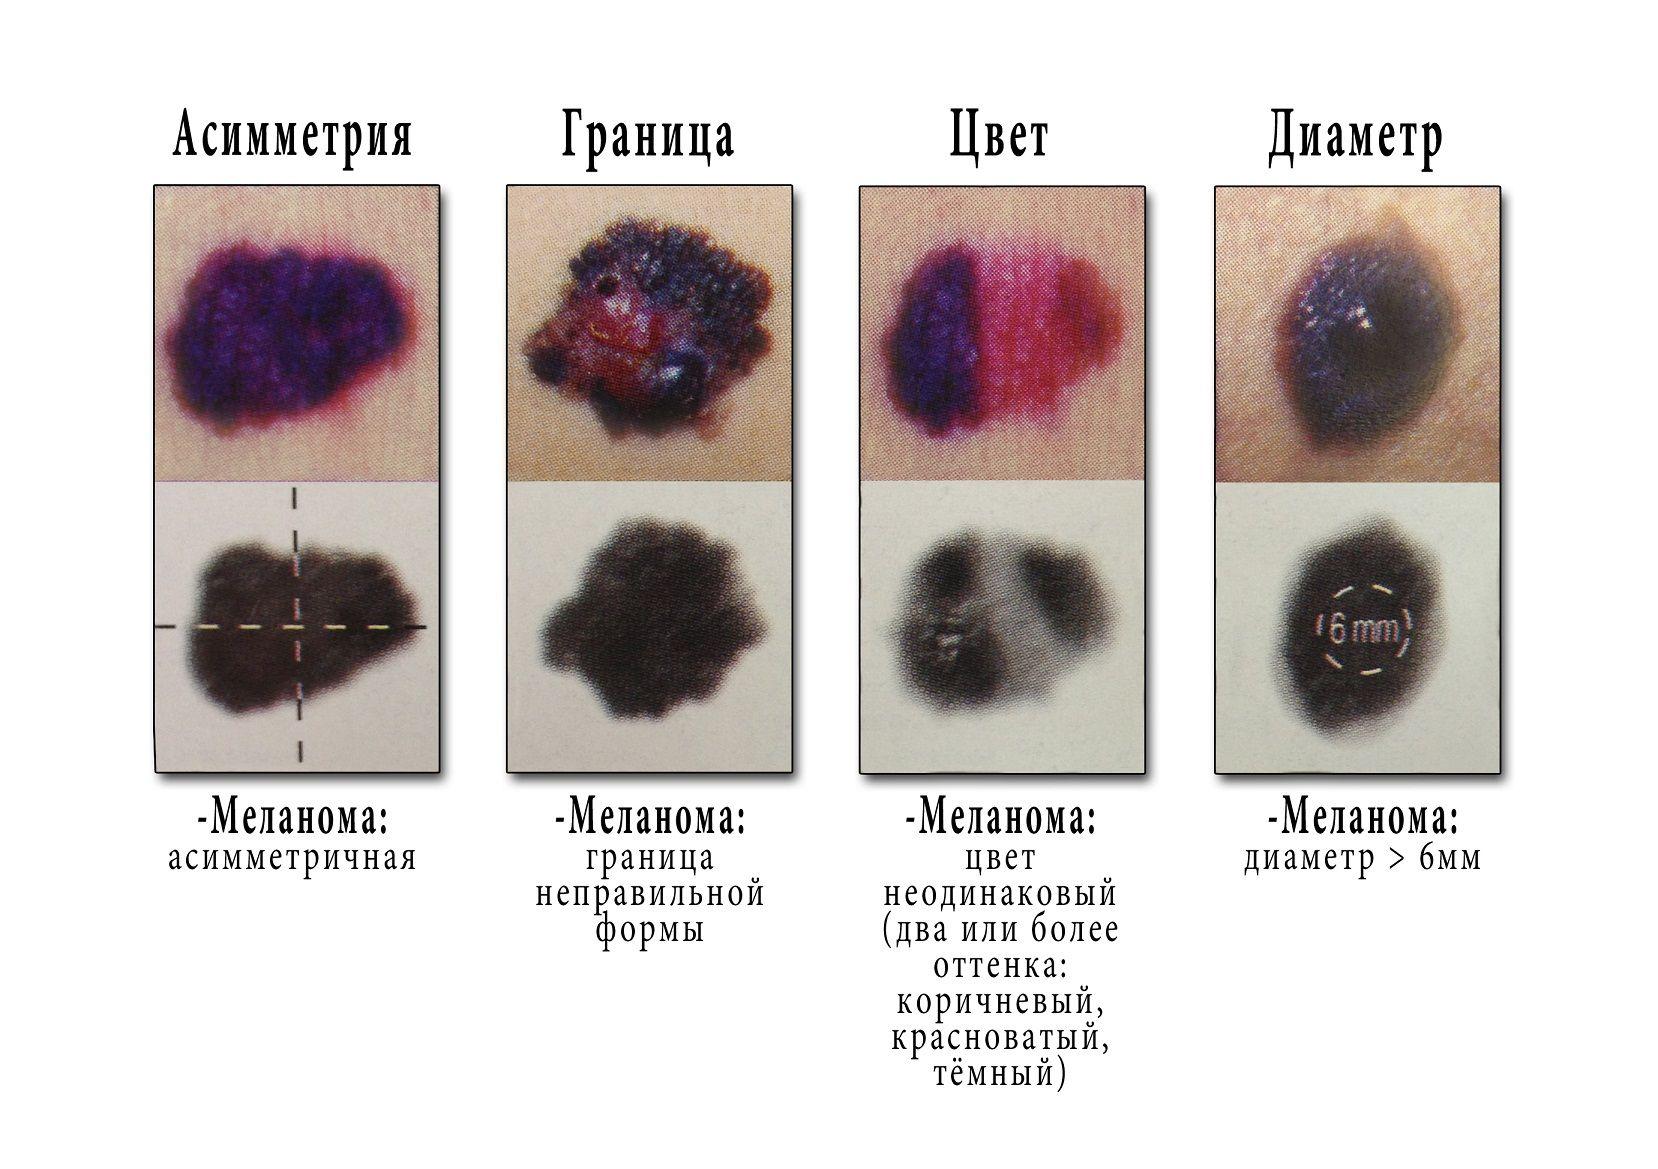 Беспигментная меланома